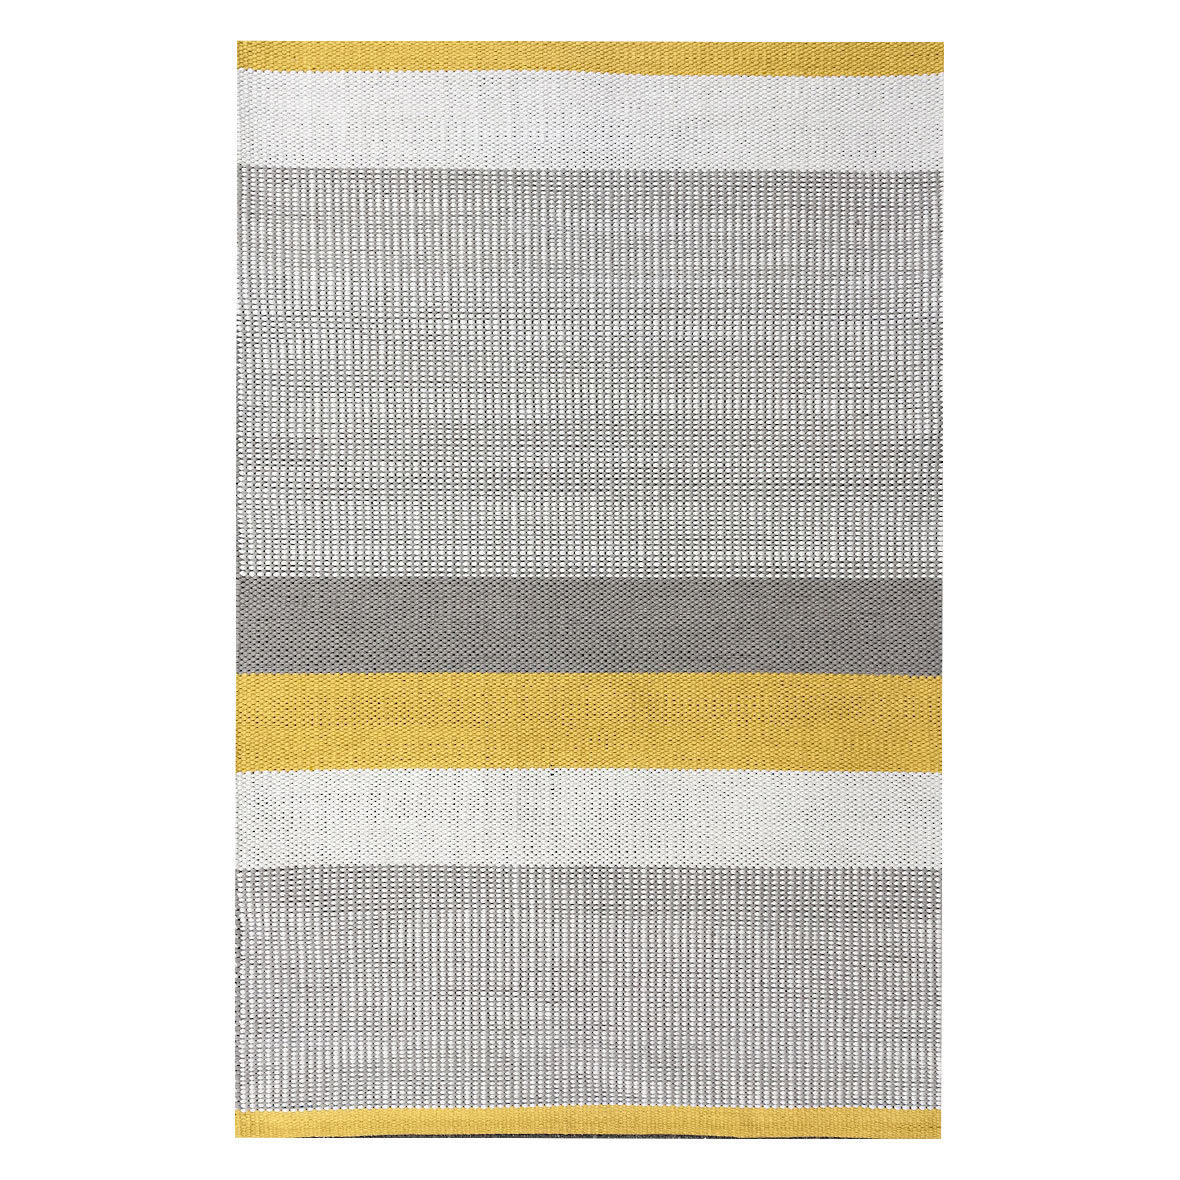 Teppich Laaka ocra-beige-hellbeige